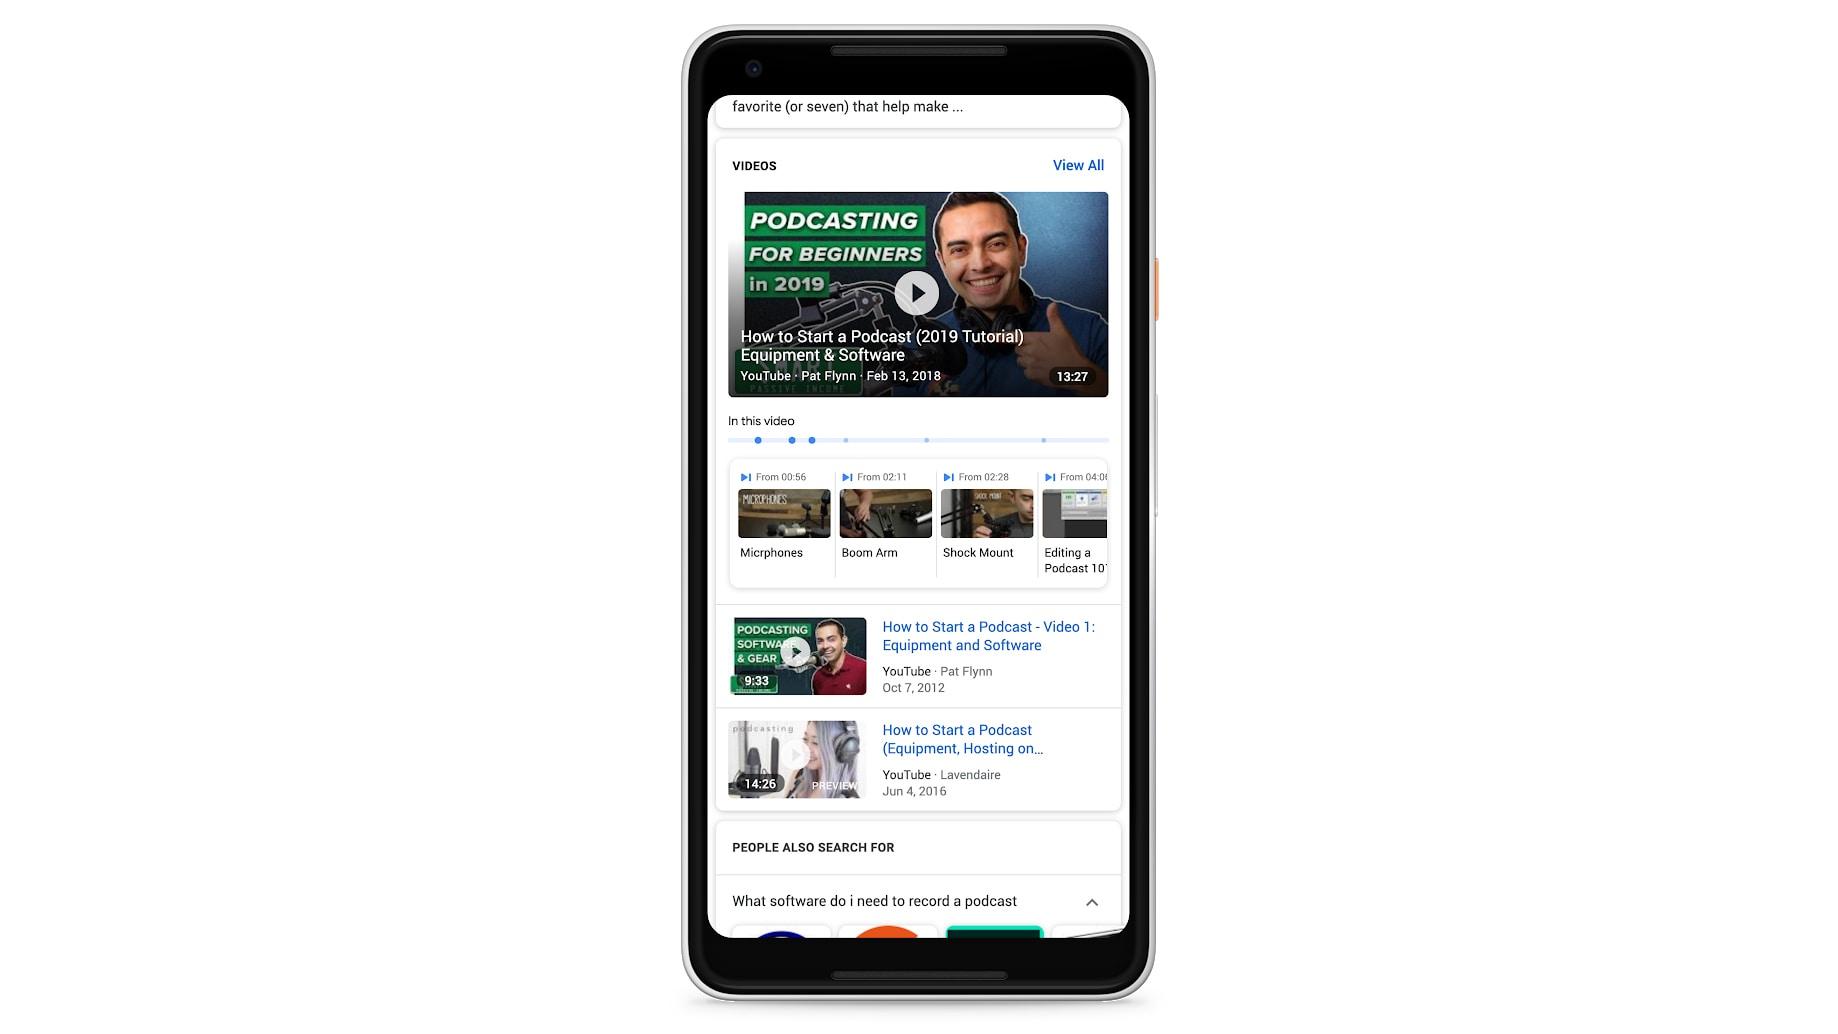 """Công cụ tìm kiếm Google đã có thể """"chỉ"""" chính xác đoạn nào của video có chứa thông tin bạn cần"""